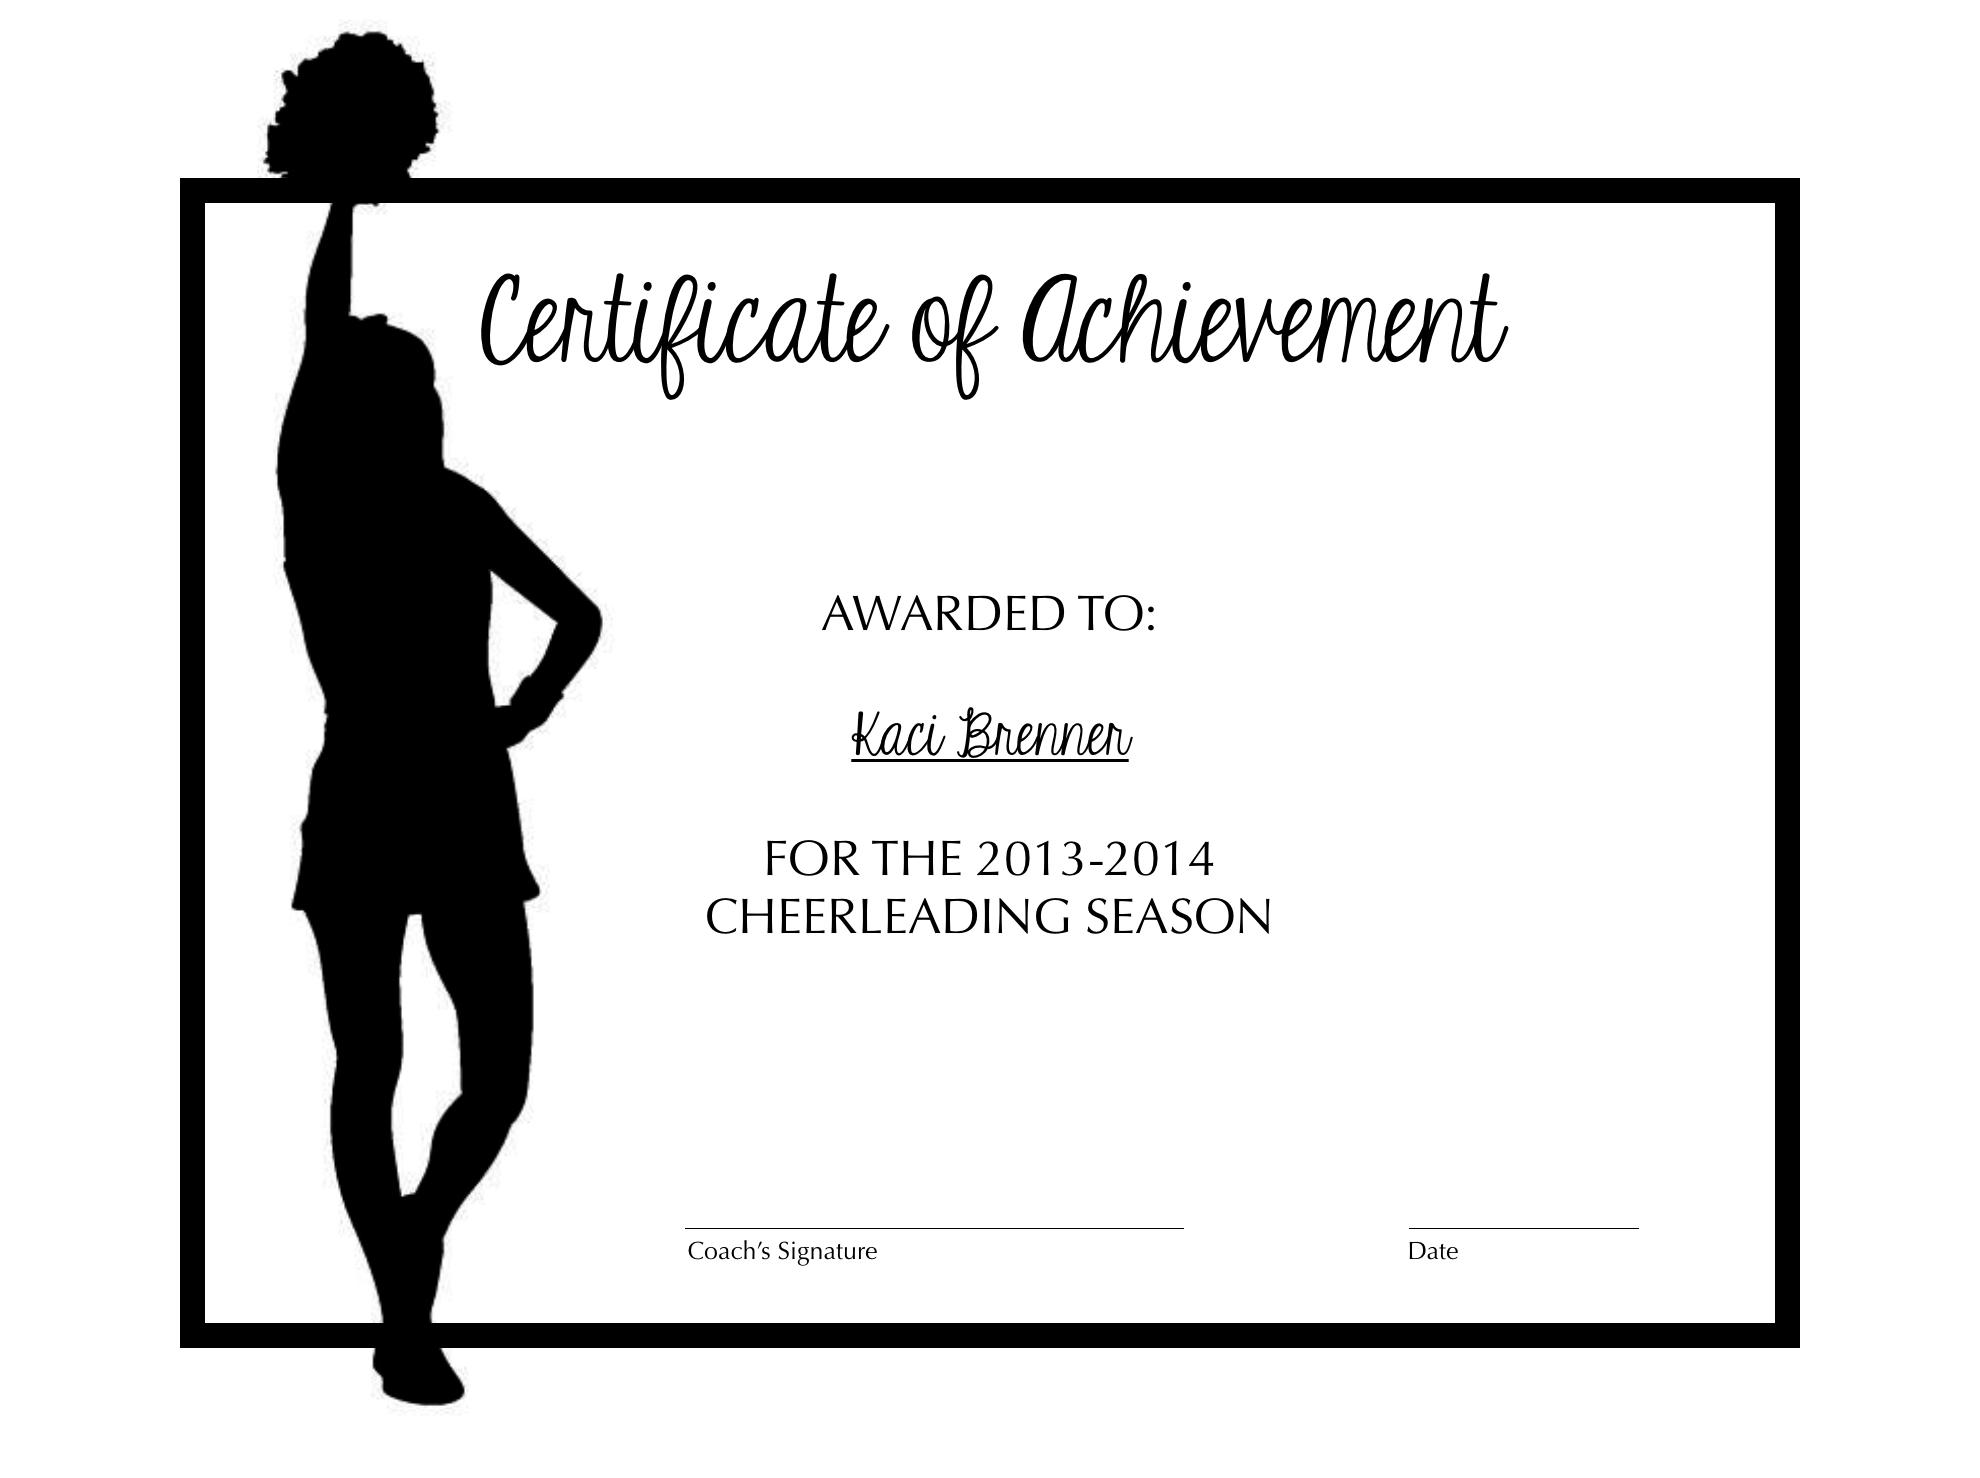 Cheerleading Certificate Of Achievement | Cheer | Cheer Coaches - Free Printable Cheerleading Certificates